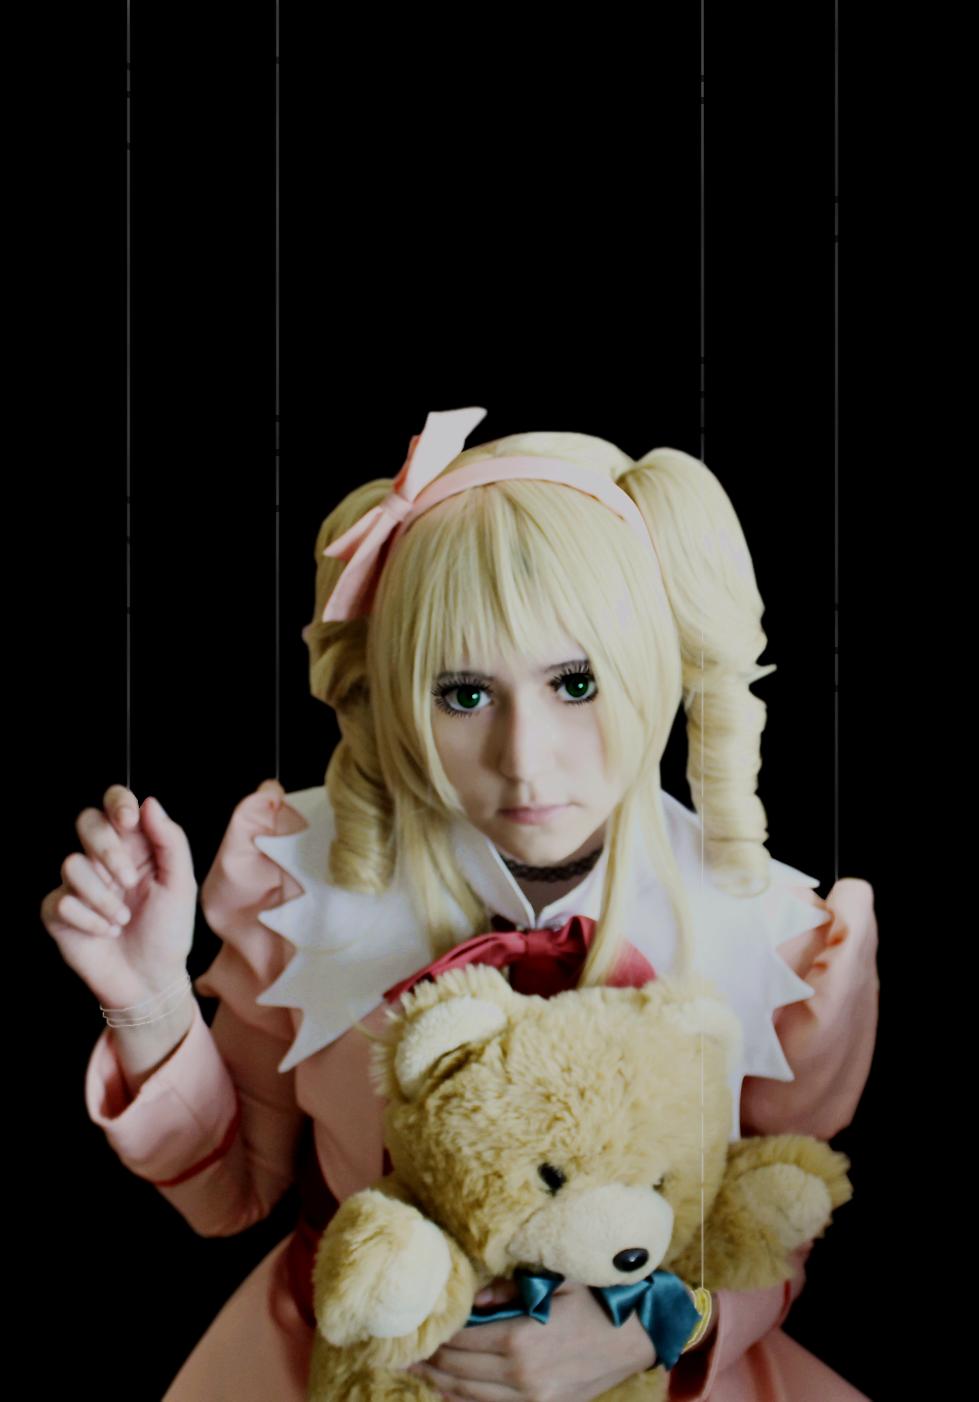 Elizabeth Middleford - Like a doll by TemeSasu